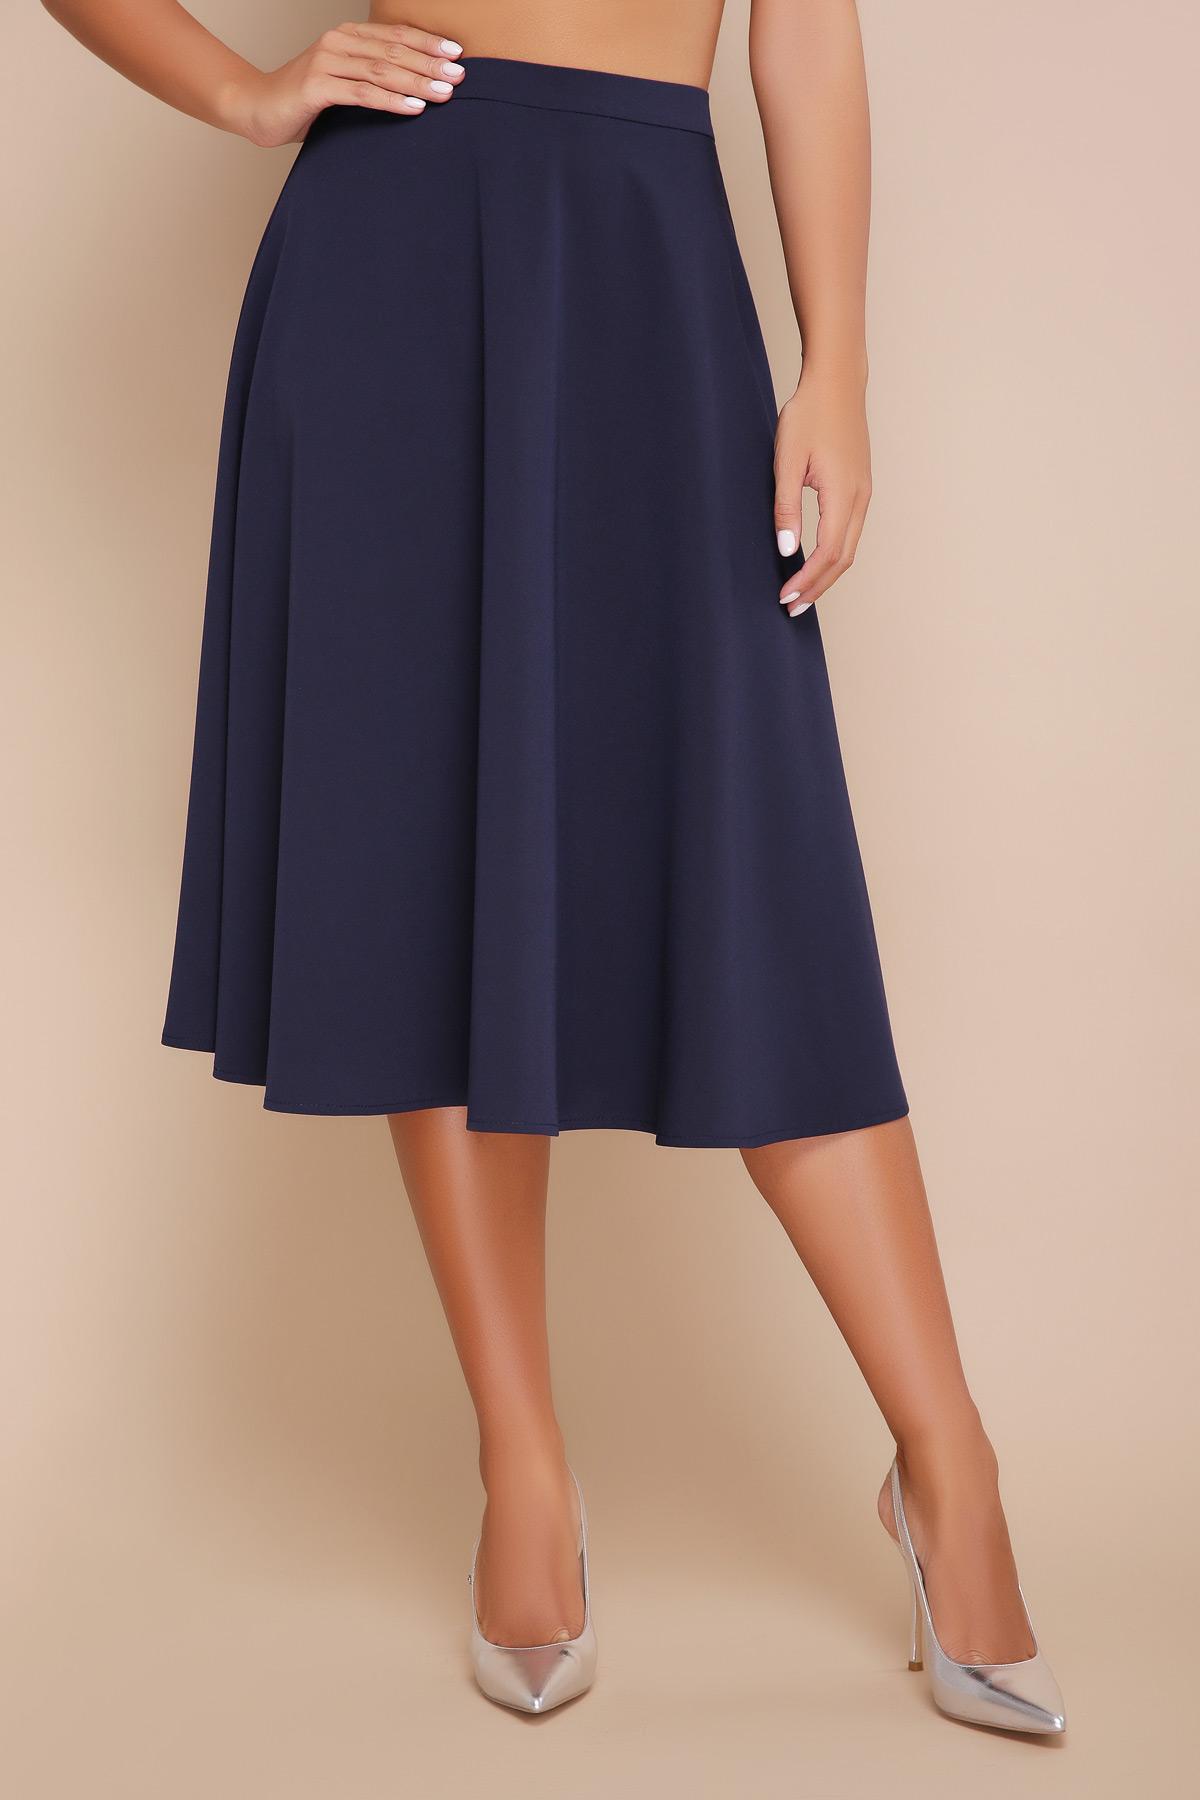 ee42f5c7f17 Синяя юбка ниже колен мод. №19К - купить в Украине